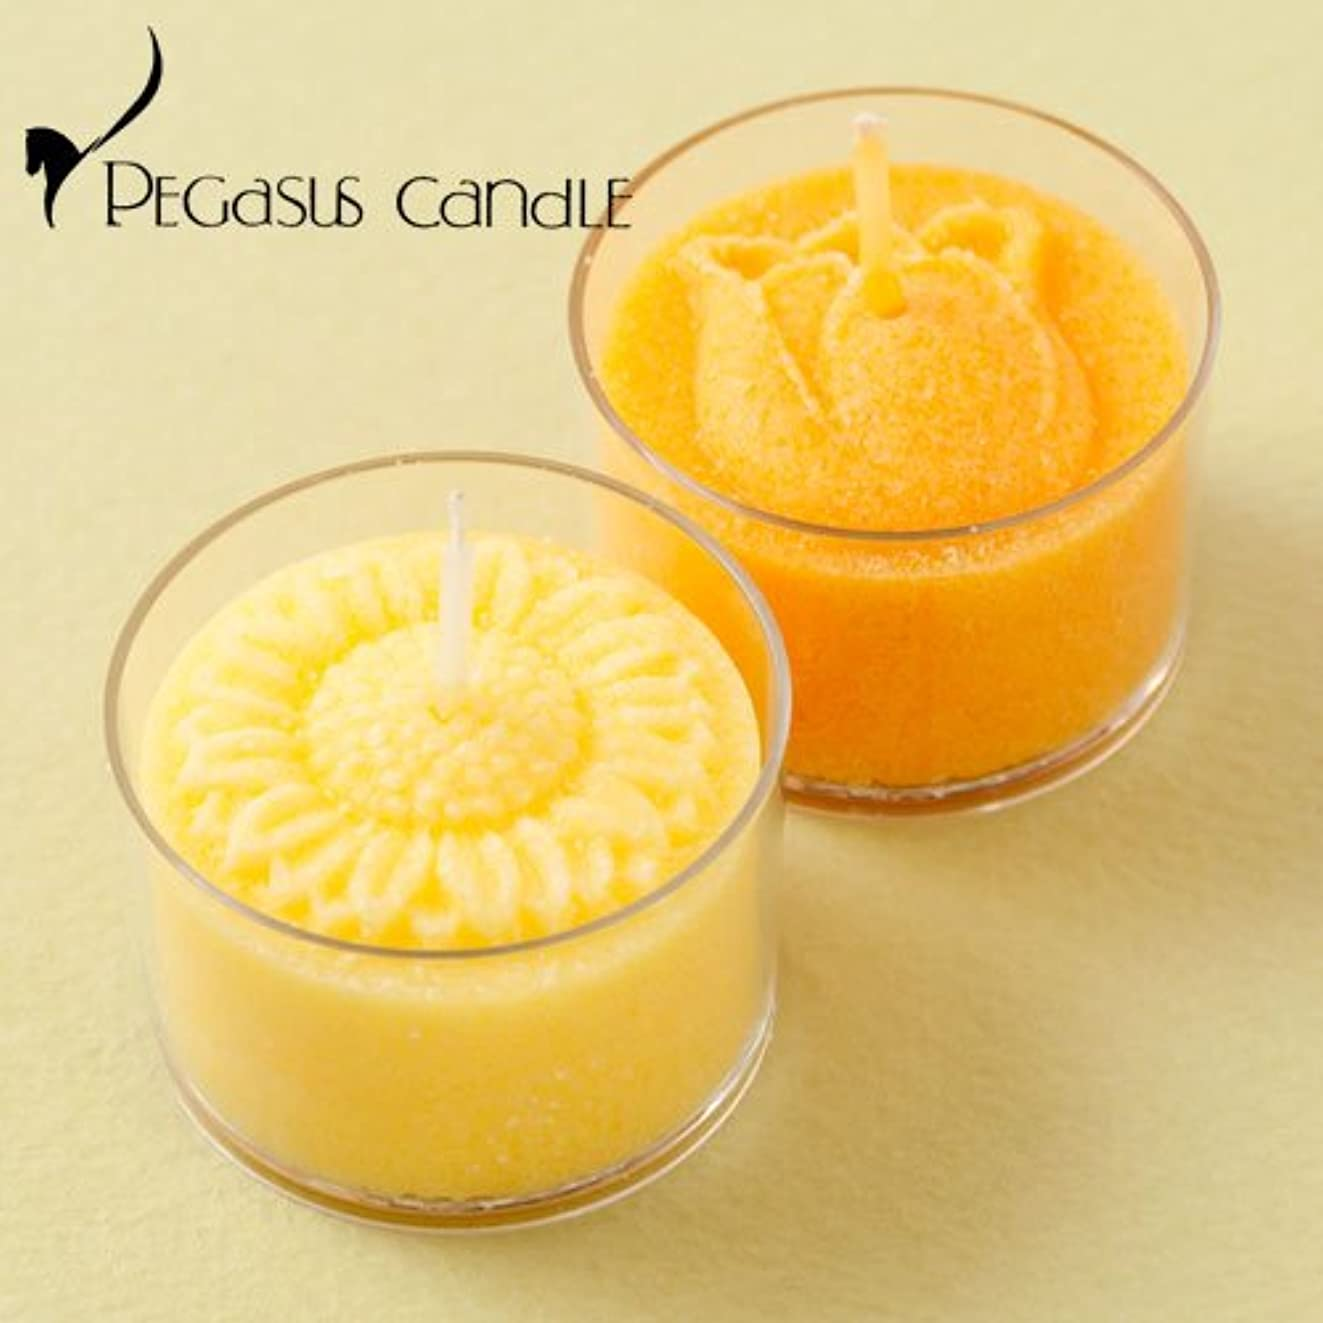 お尻星思い出させる花暦ヒマワリ?チューリップ花の形のキャンドル2個セット(無香タイプ)ペガサスキャンドルFlower shaped candle